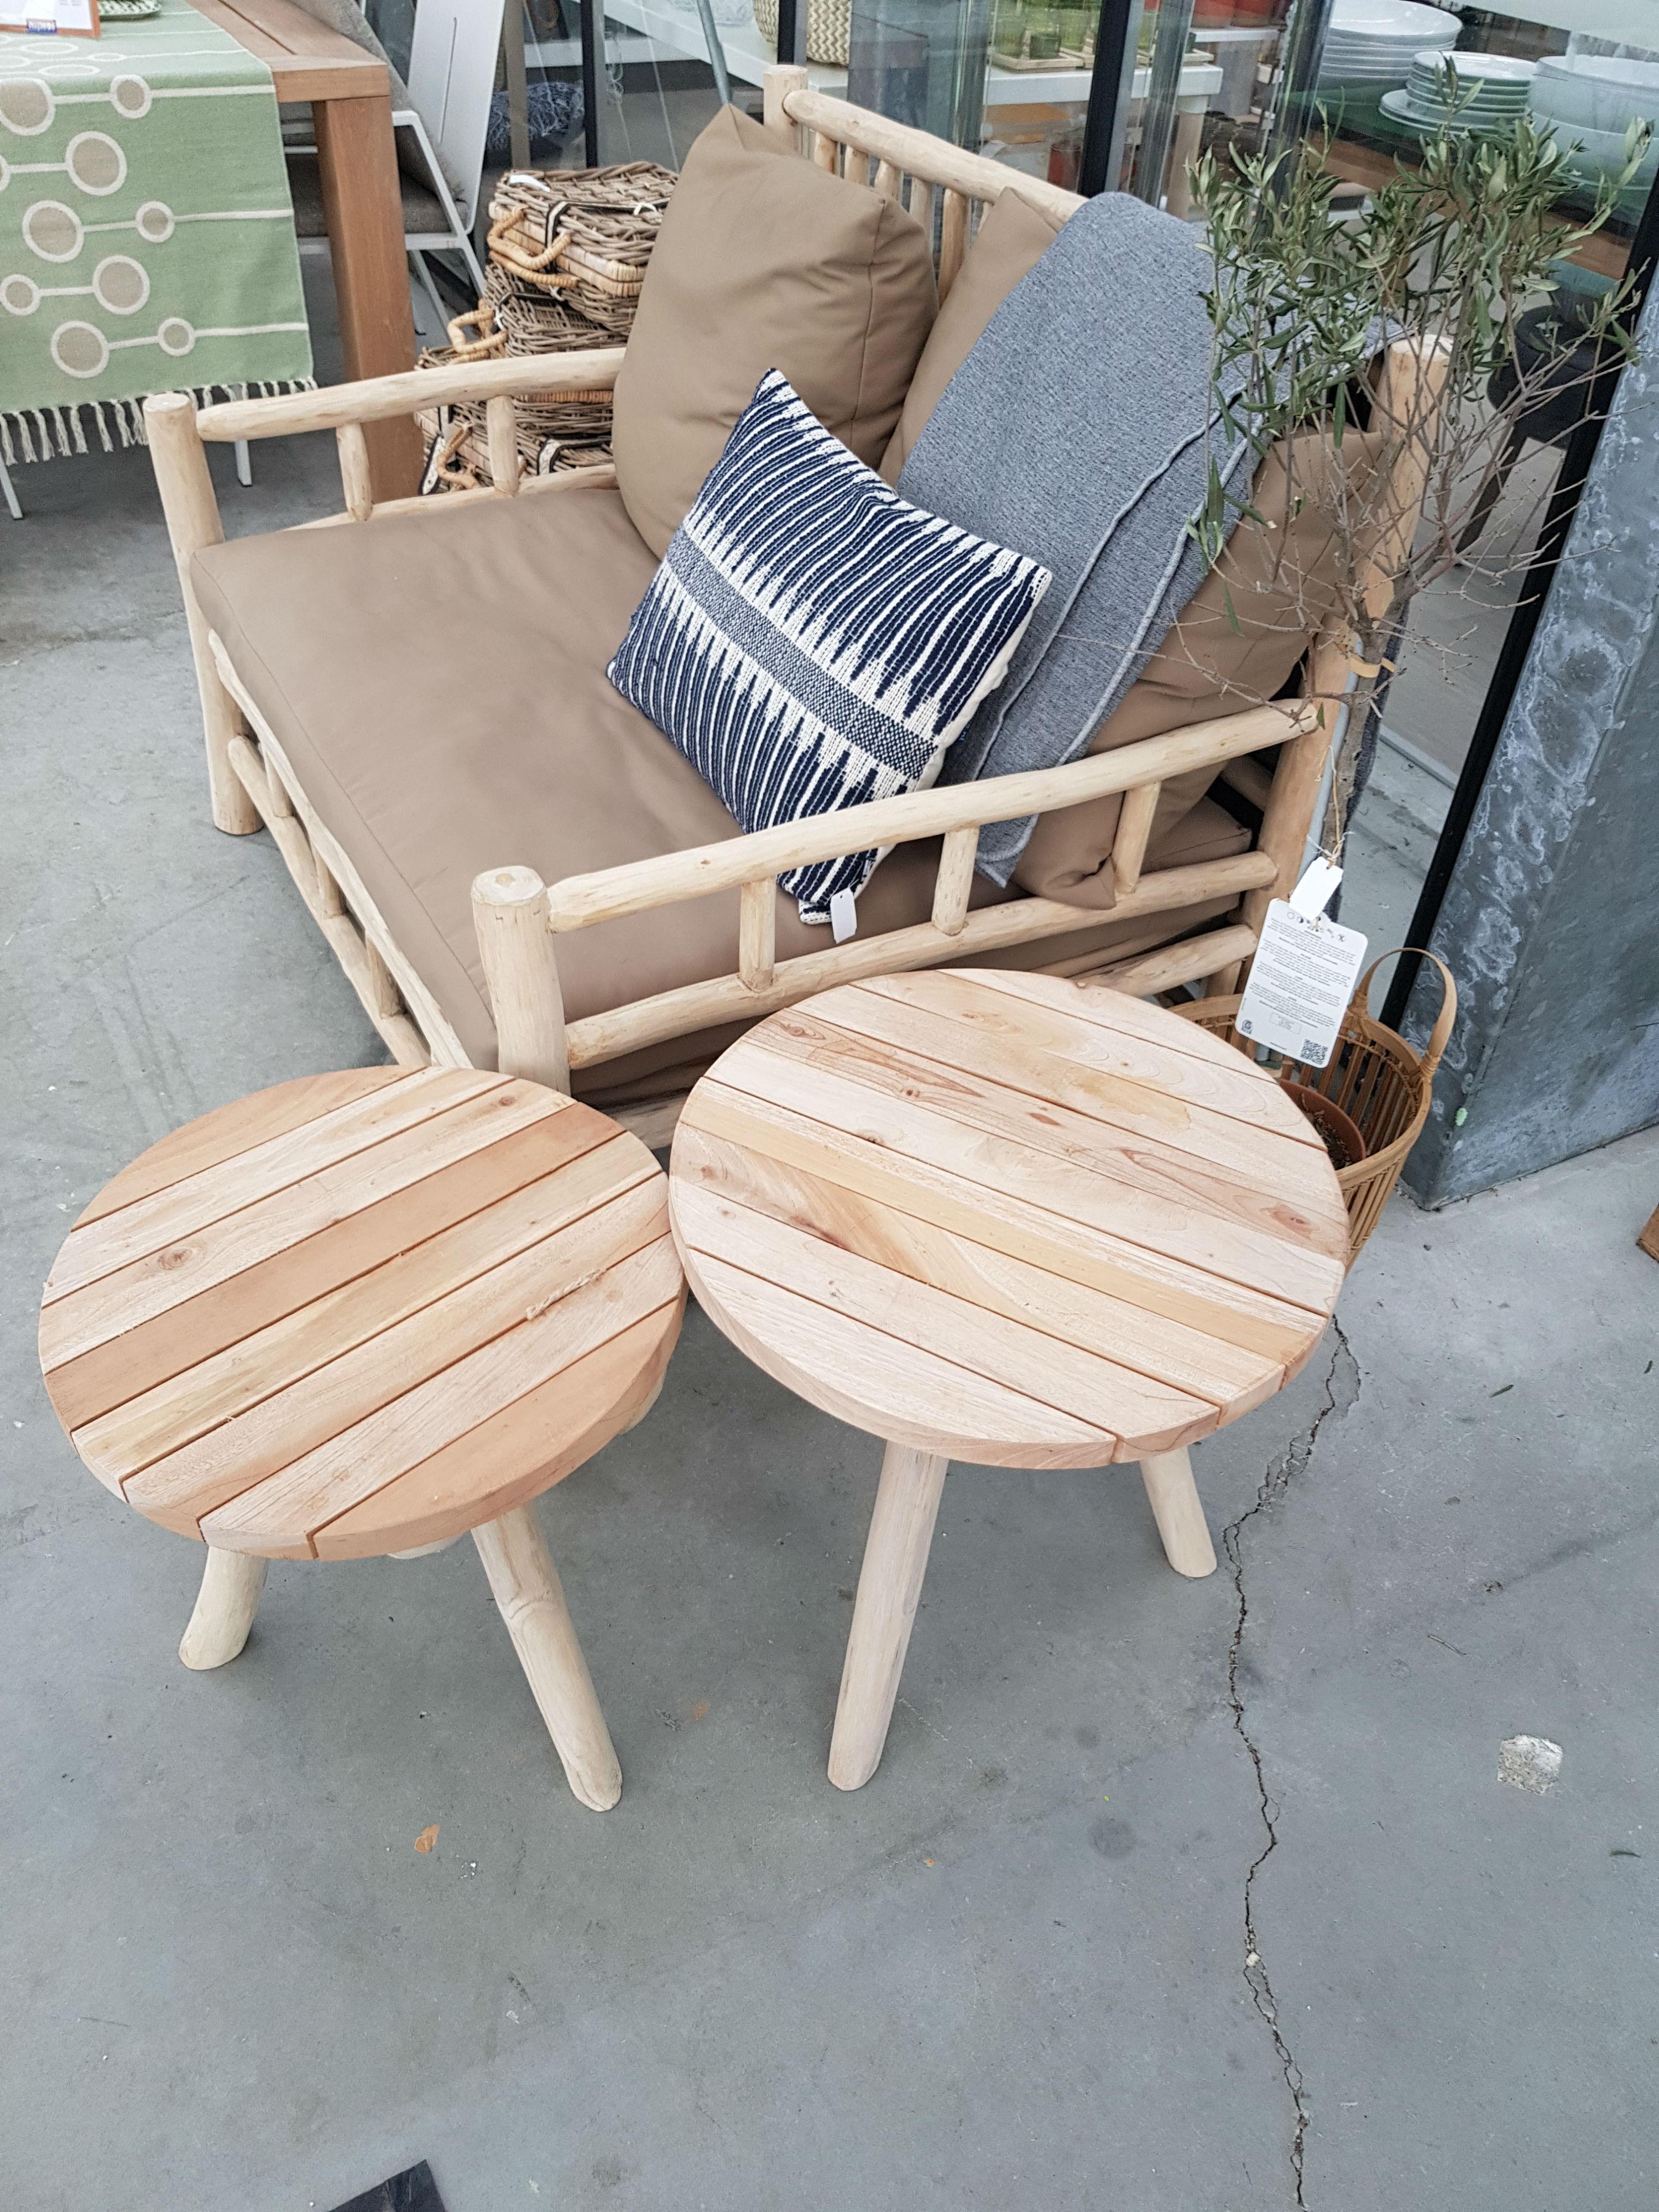 Leer meubelmaken voor beginners. Dompel een dag in deze leuke houtbewerking wereld.